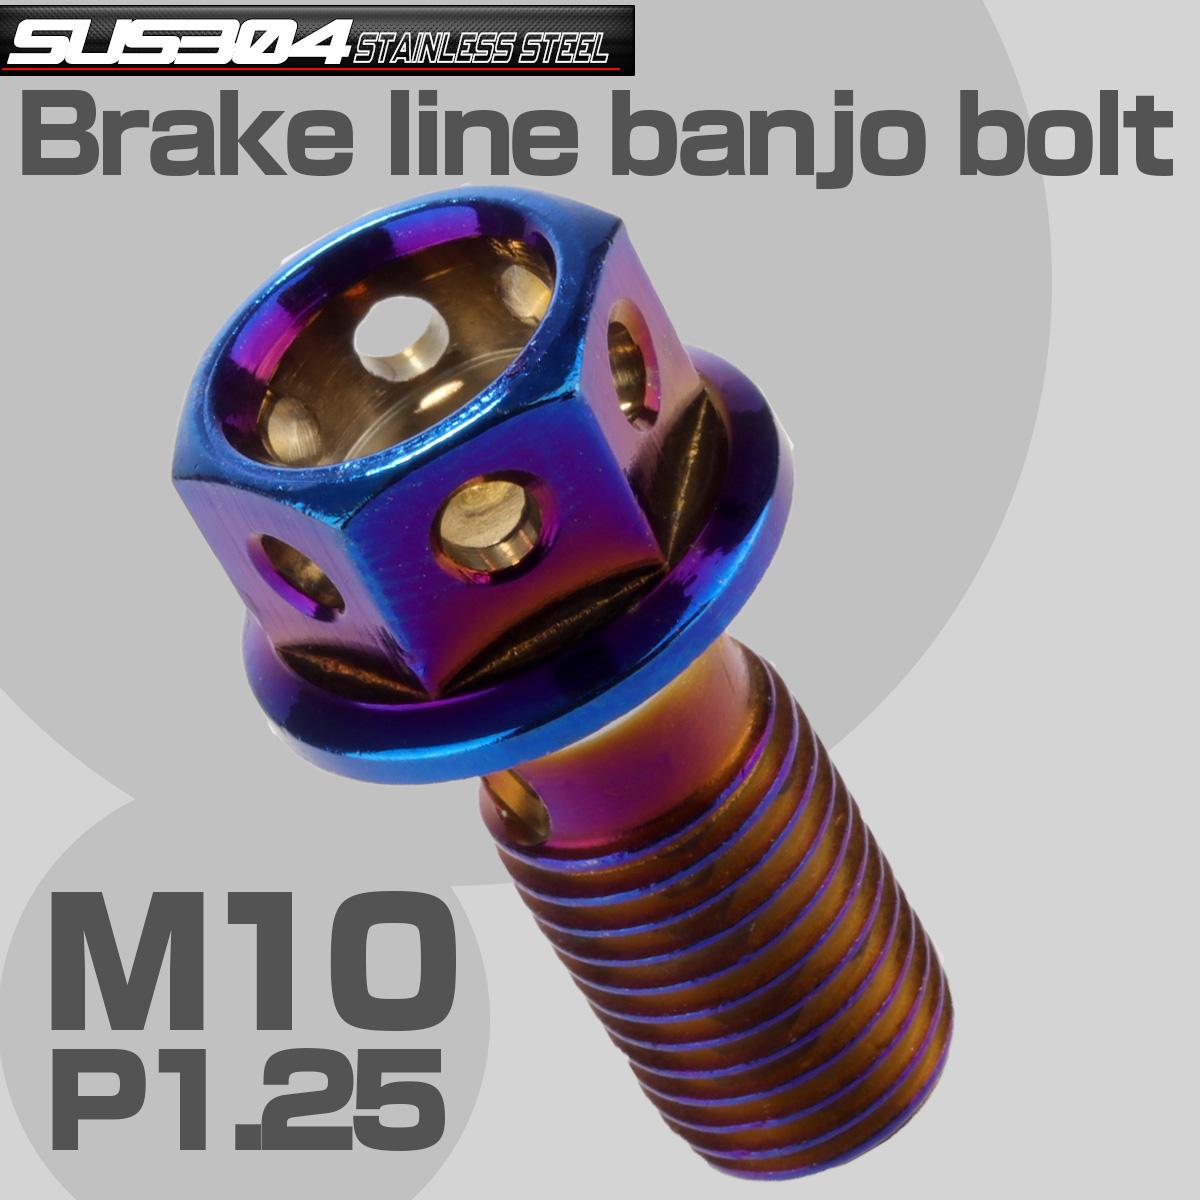 【ネコポス可】 ブレーキ バンジョーボルト M10 P1.25 SUS304 ステンレス製 ヘキサゴンヘッド 焼きチタン TH0208